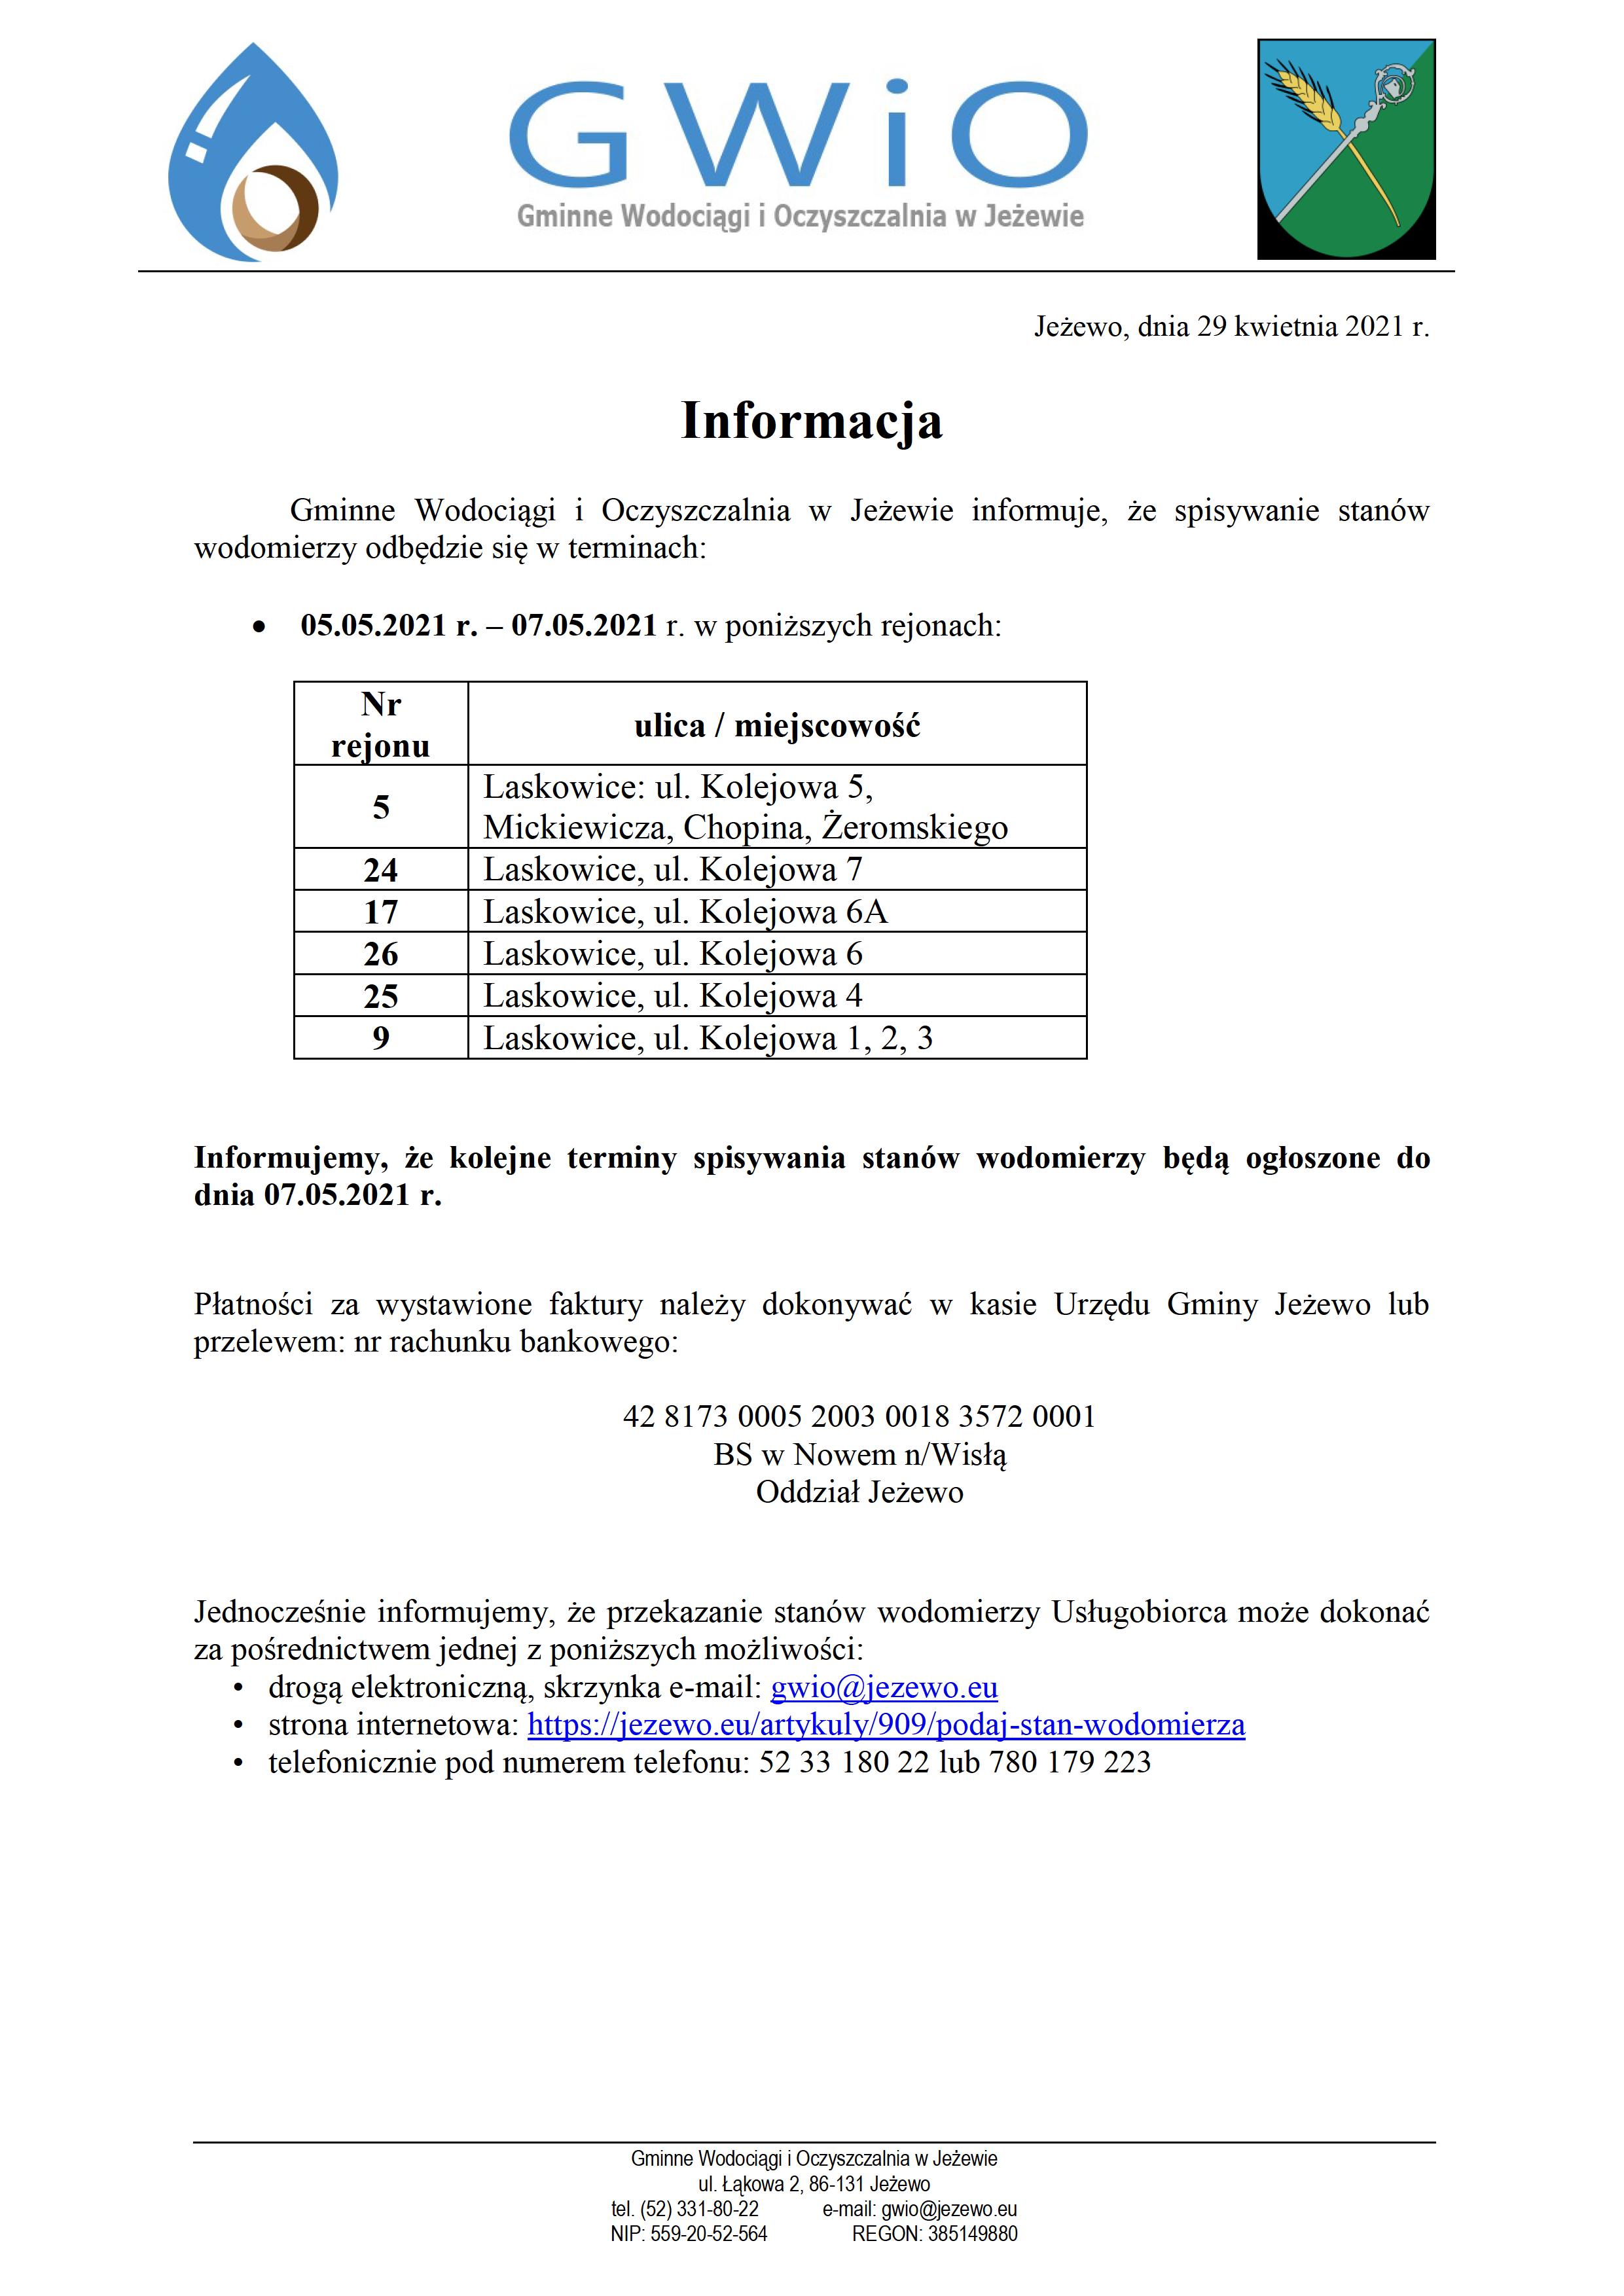 Terminy spisywania wodomierzy 29.04.2021